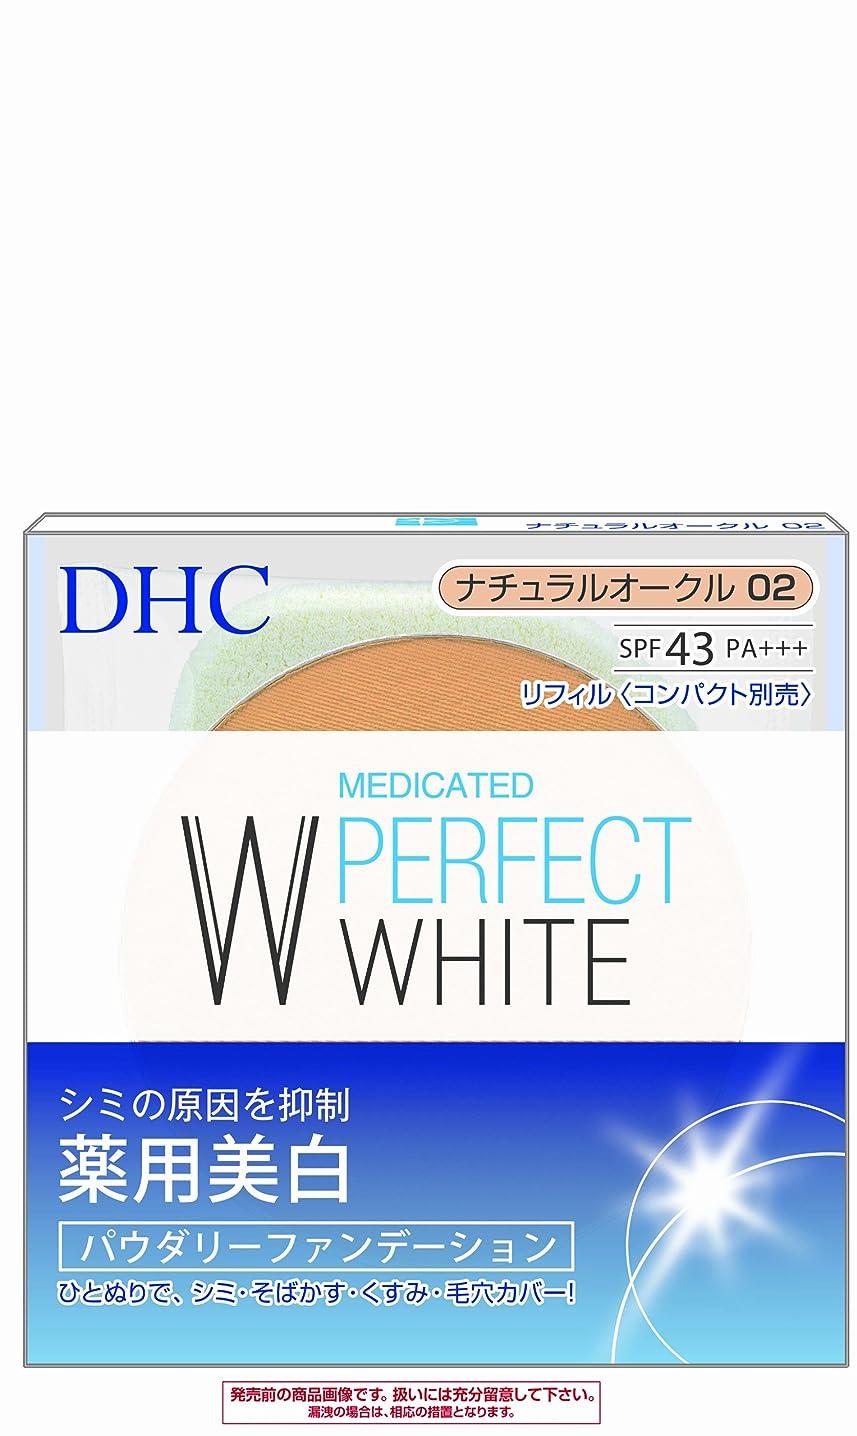 闇推進力砂利DHC薬用PWパウダリーファンデNO02 10g